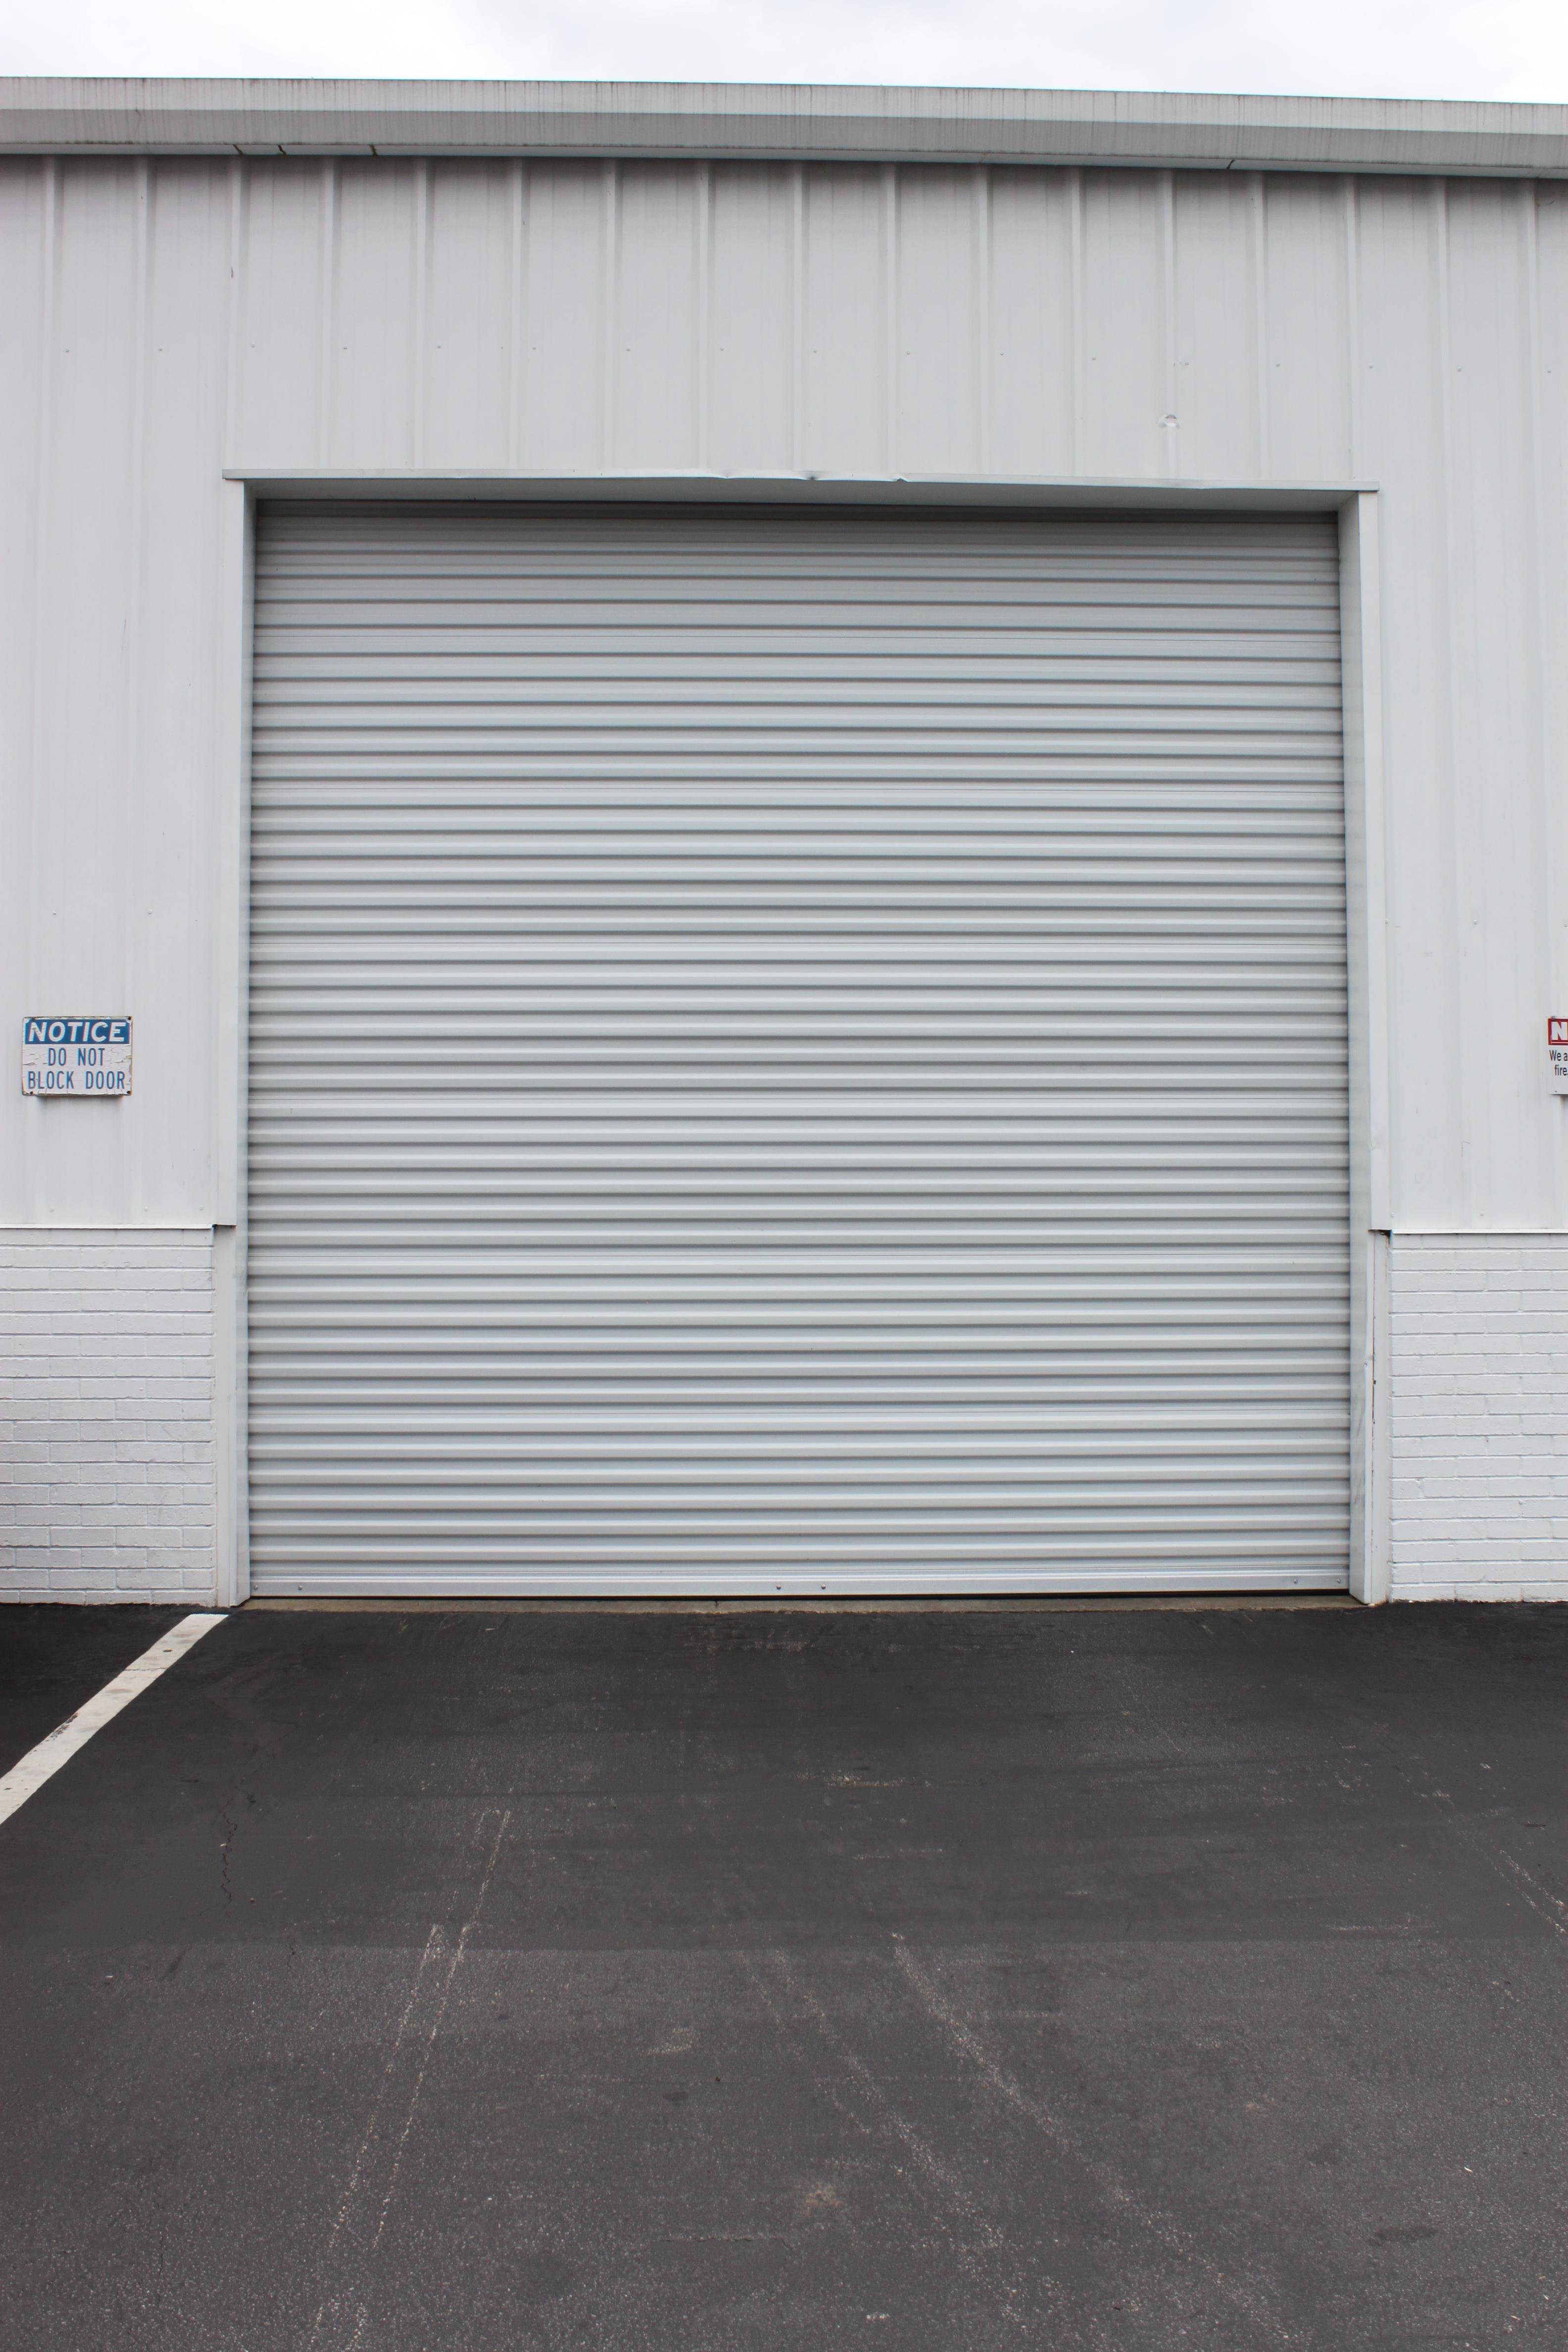 Commercial roll-up door